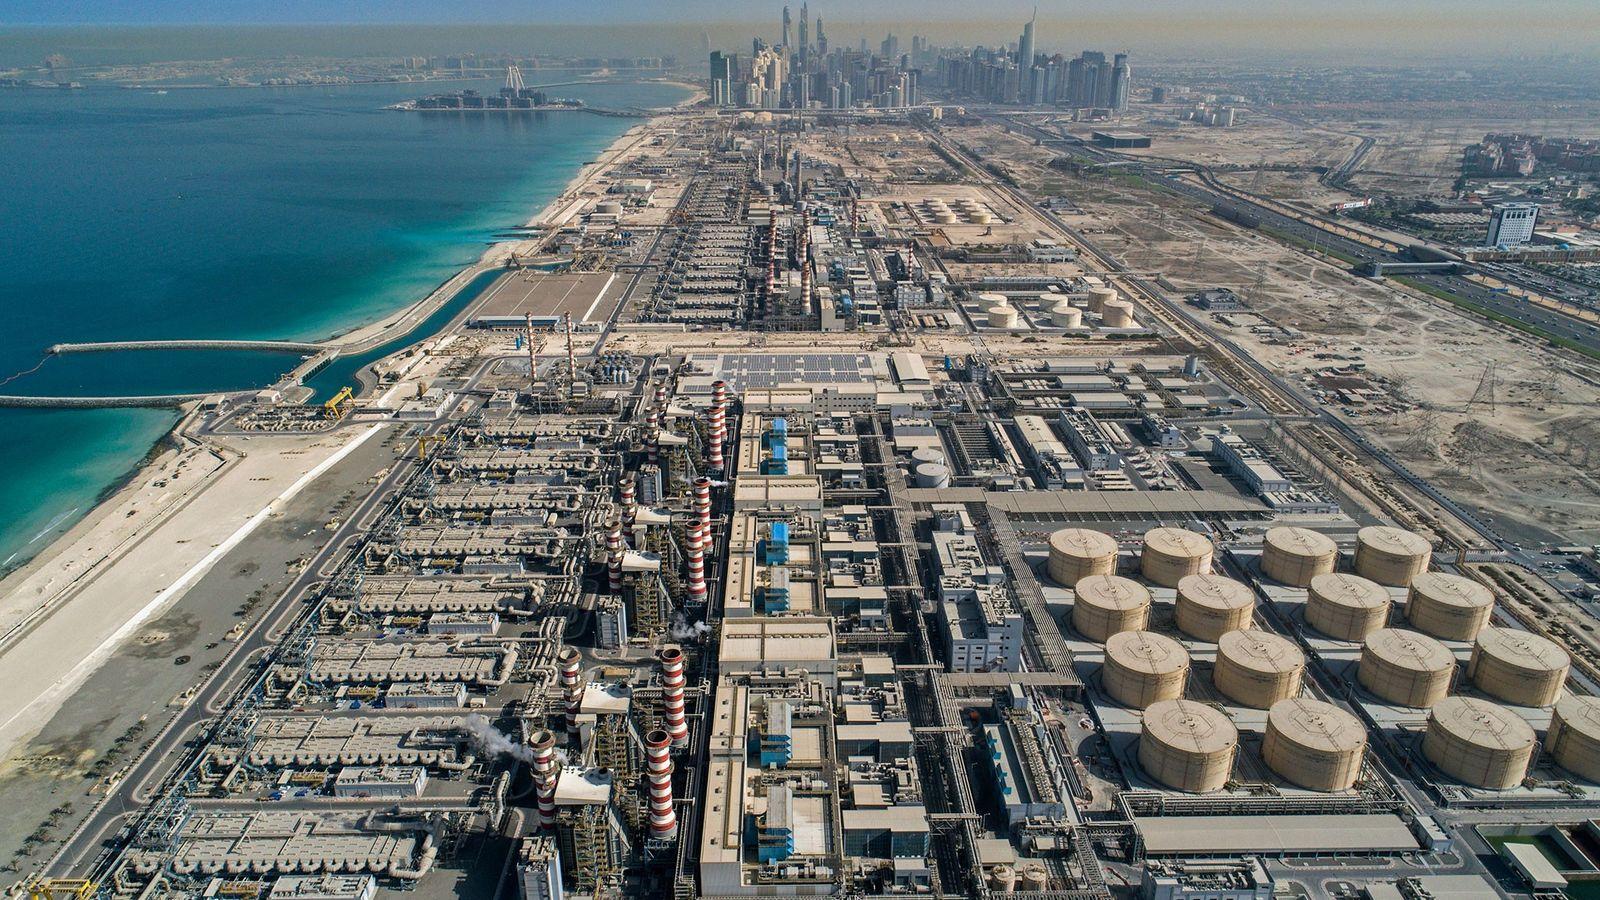 En la Autoridad de Electricidad y Agua de Dubái en Jebel Ali, el gas natural se ...